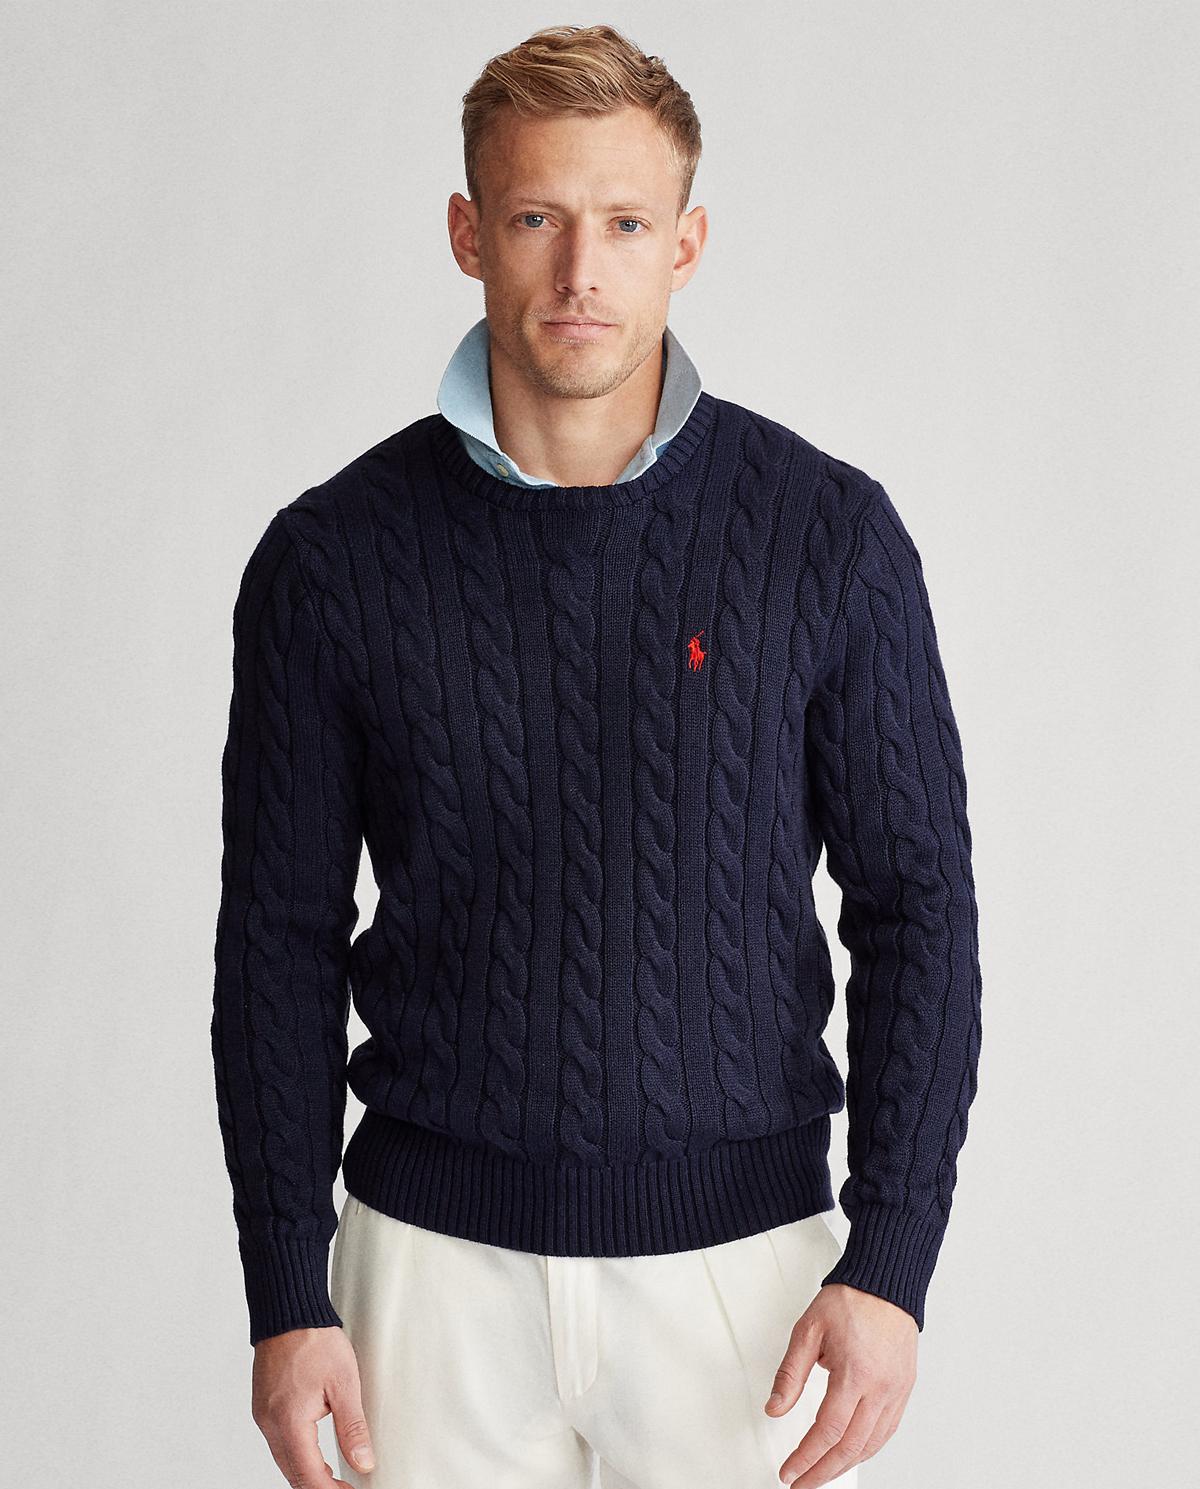 Granatowy sweter z bawełny Polo Ralph Lauren 710775885001